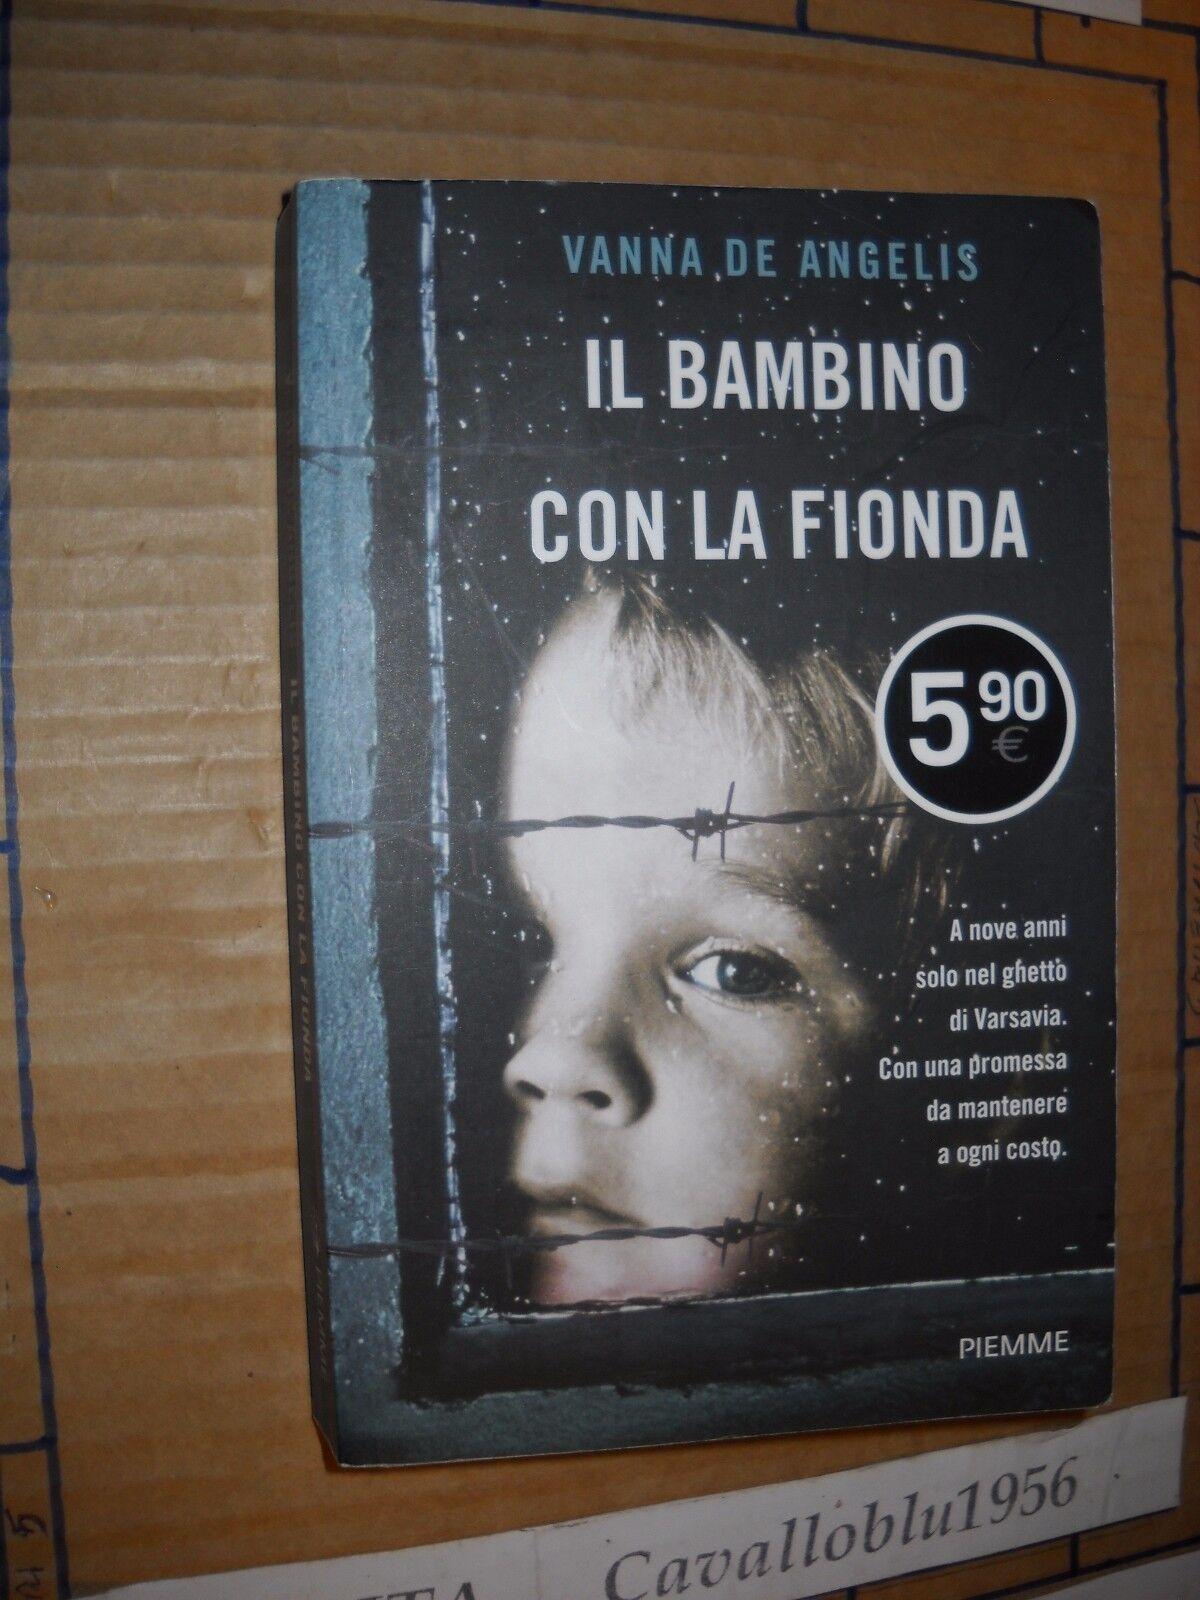 LIBRO - IL BAMBINO CON LA FIONDA - V. DE ANGELIS - PIEMME 2013 - COME NUOVO